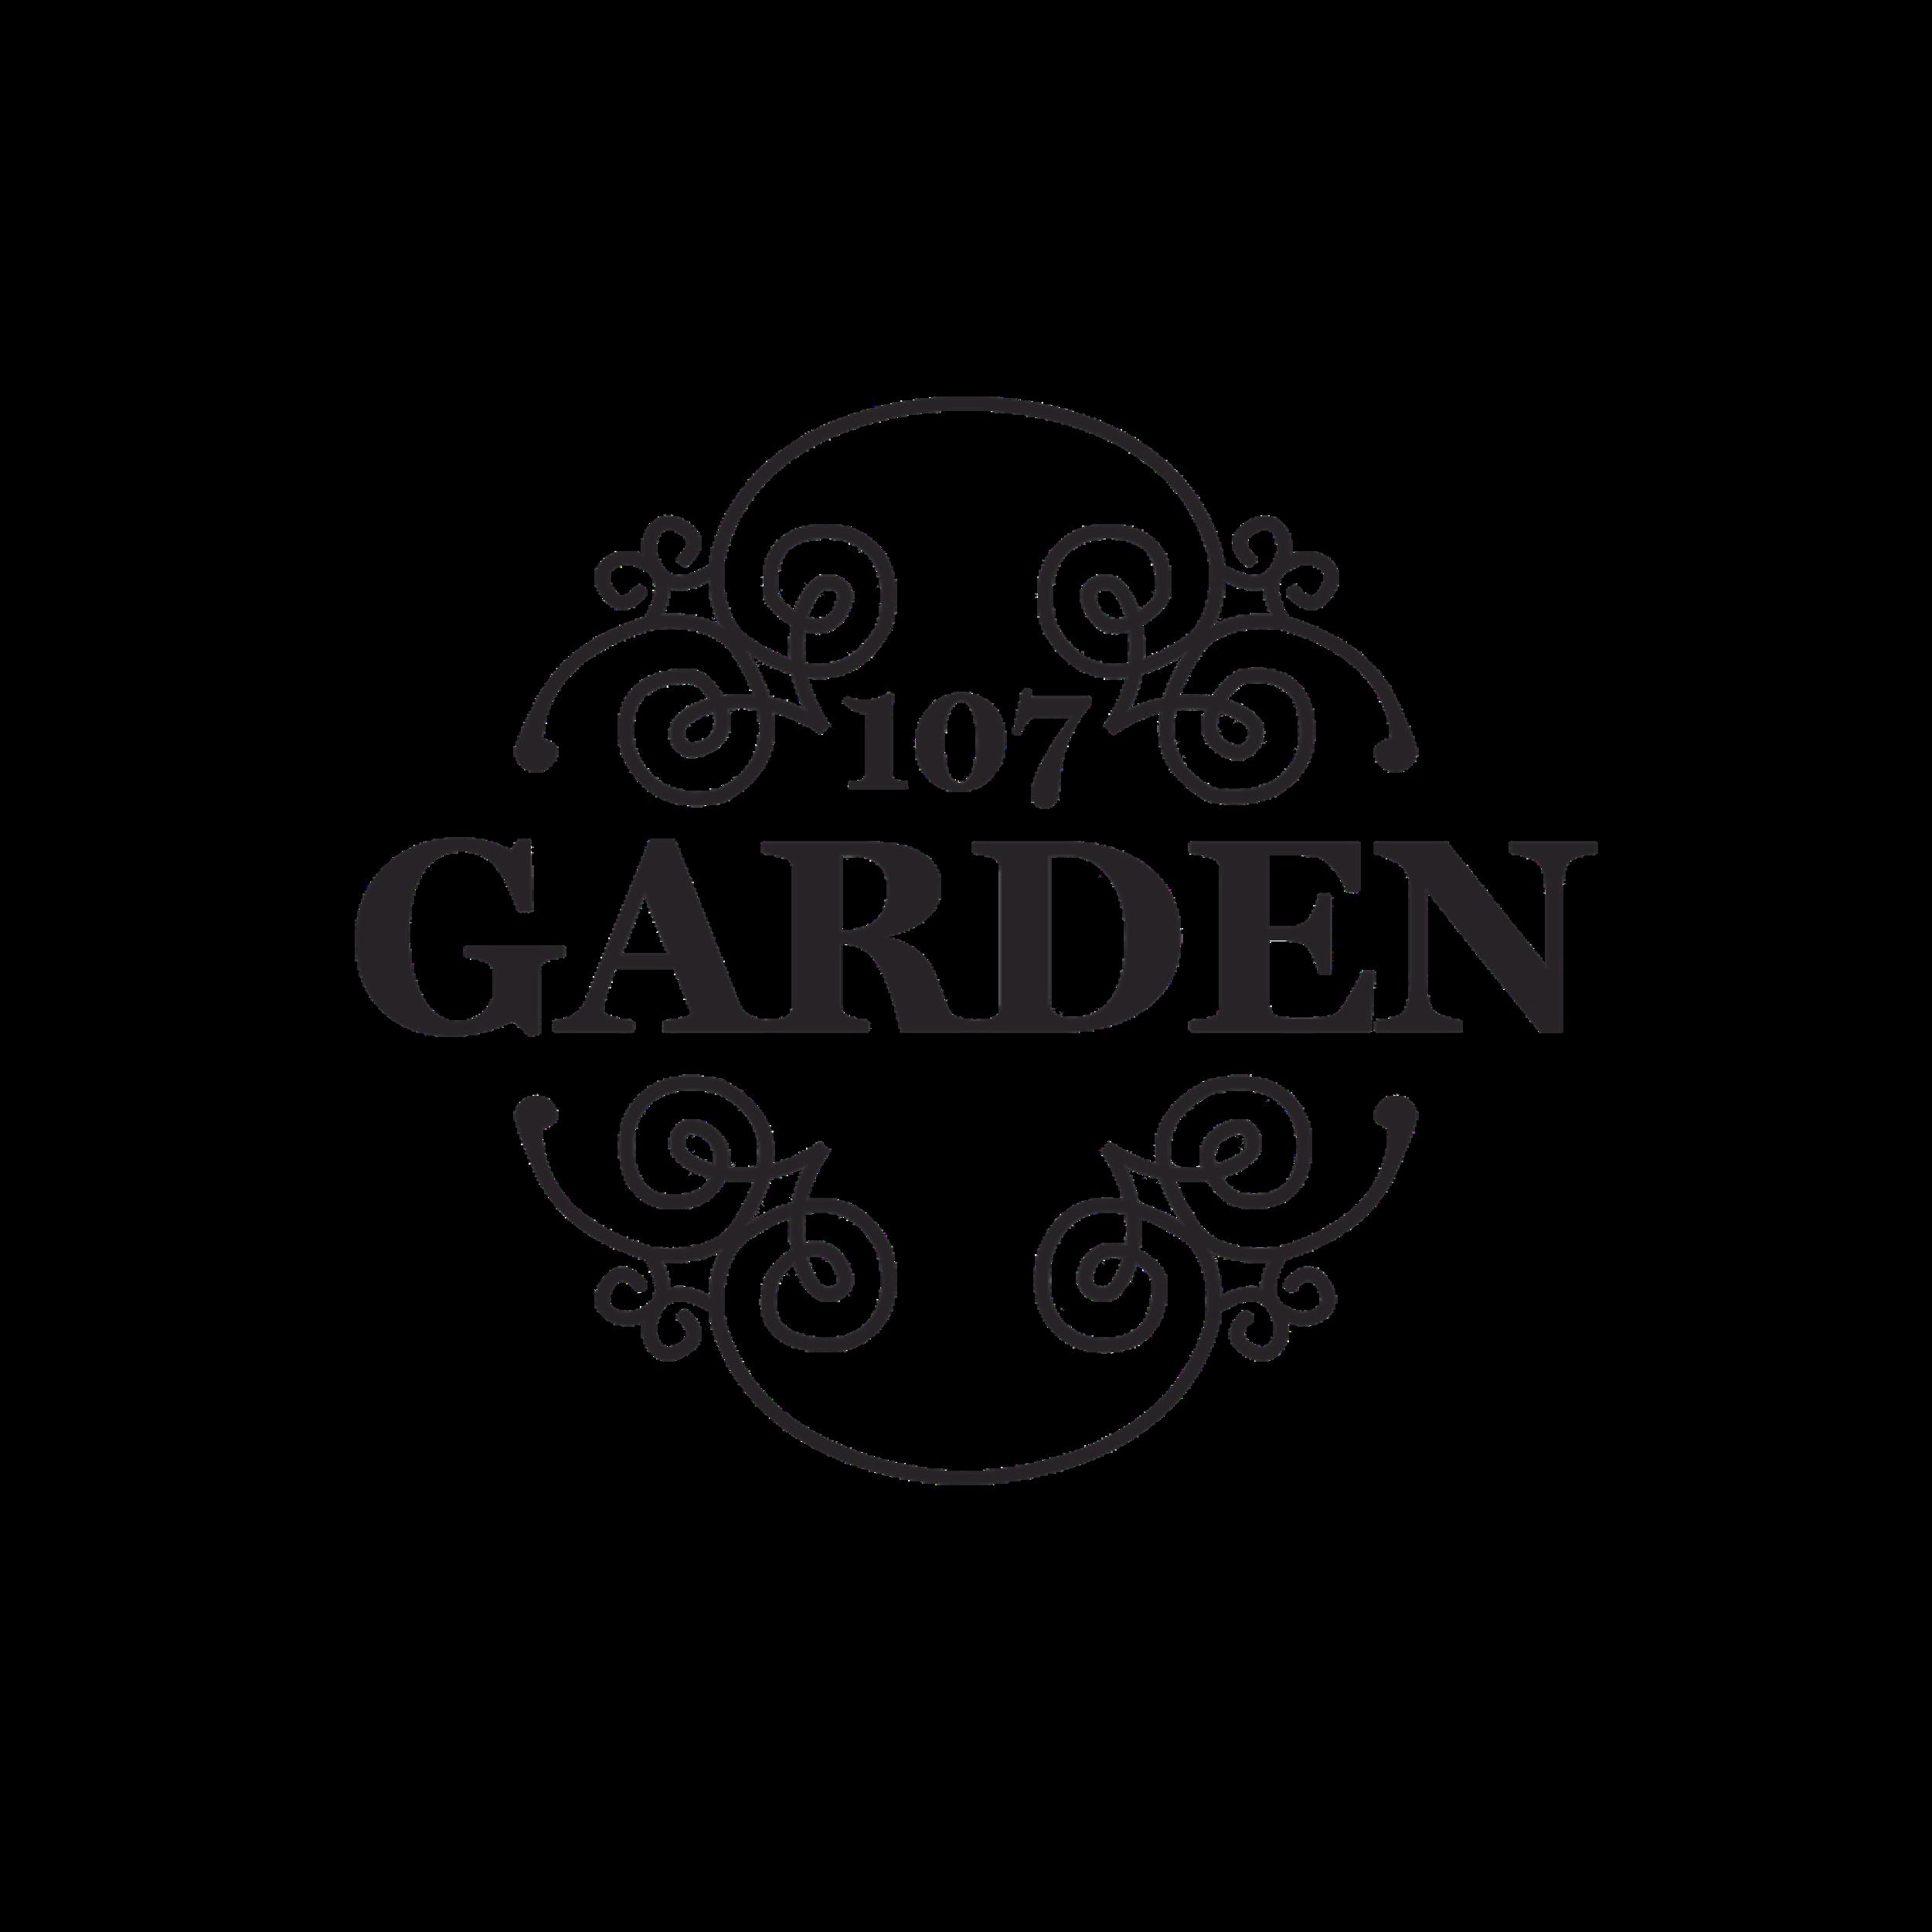 22_107 Garden.png